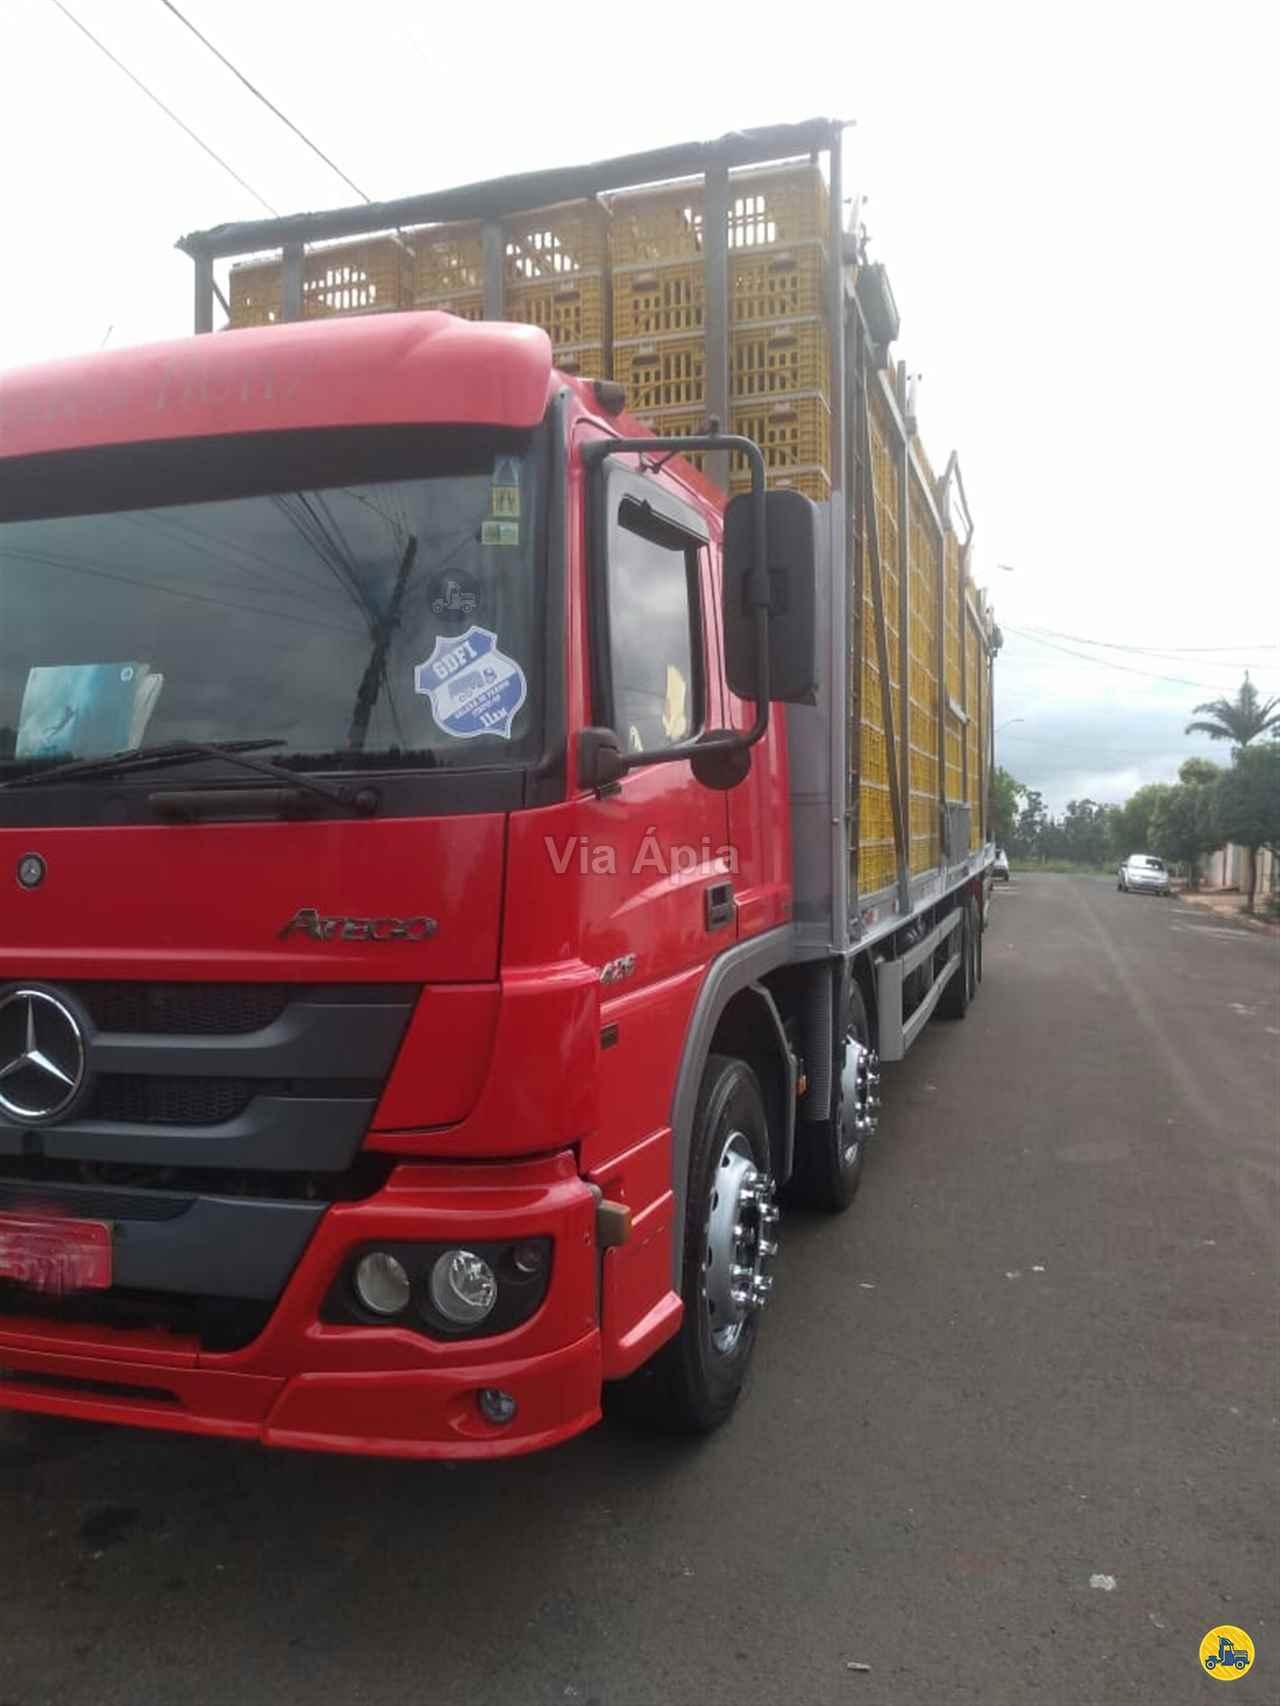 CAMINHAO MERCEDES-BENZ MB 2426 Chassis BiTruck 8x2 Via Ápia Caminhões SAO PAULO SÃO PAULO SP